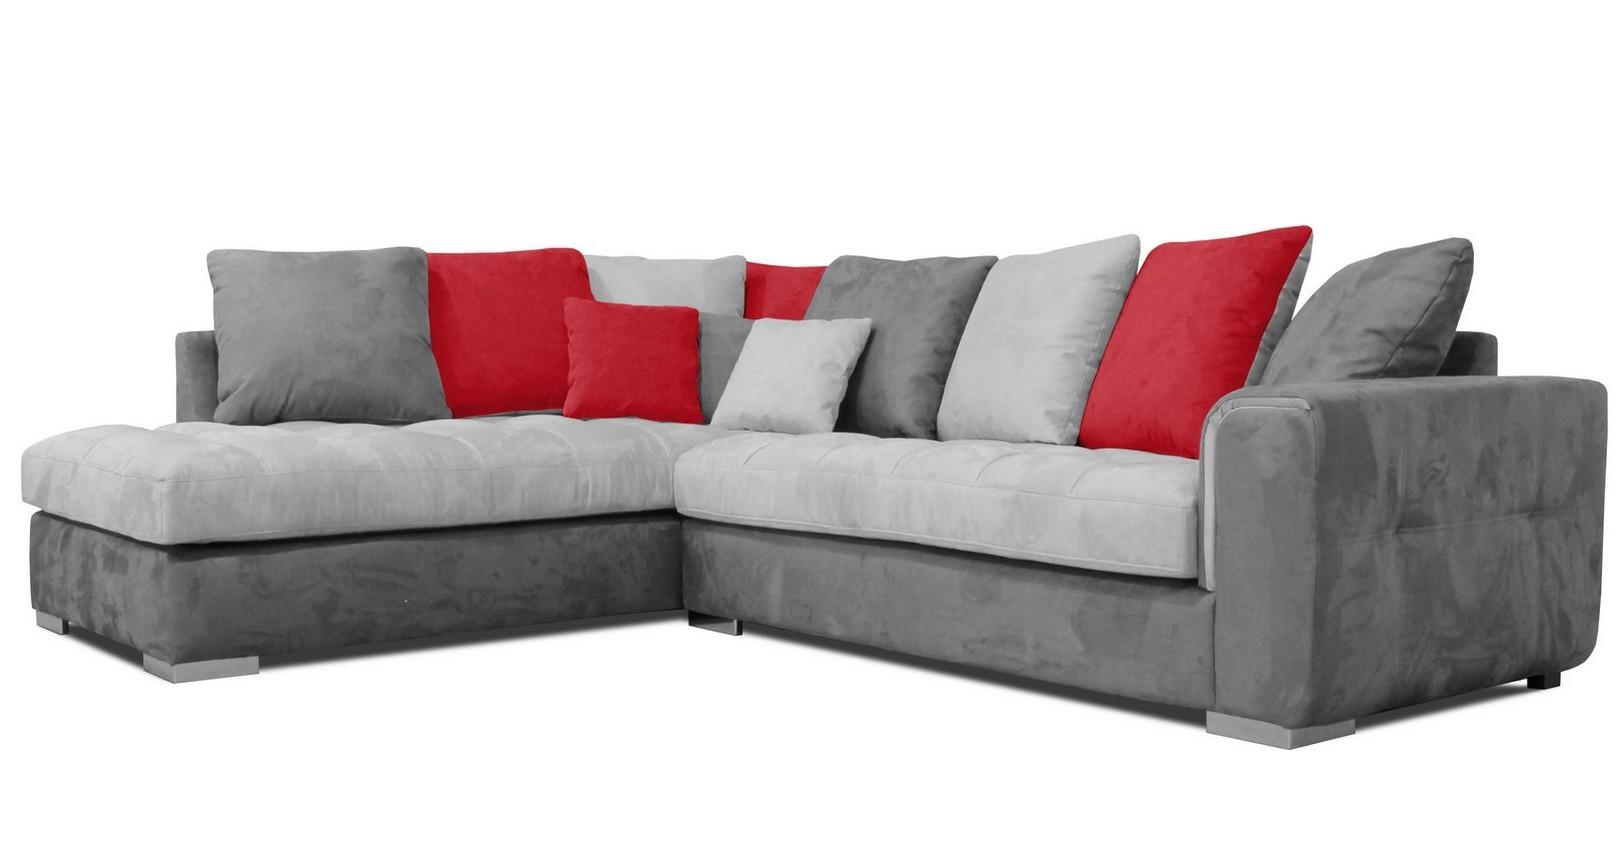 canap d 39 angle bicolore microfibre canap id es de. Black Bedroom Furniture Sets. Home Design Ideas